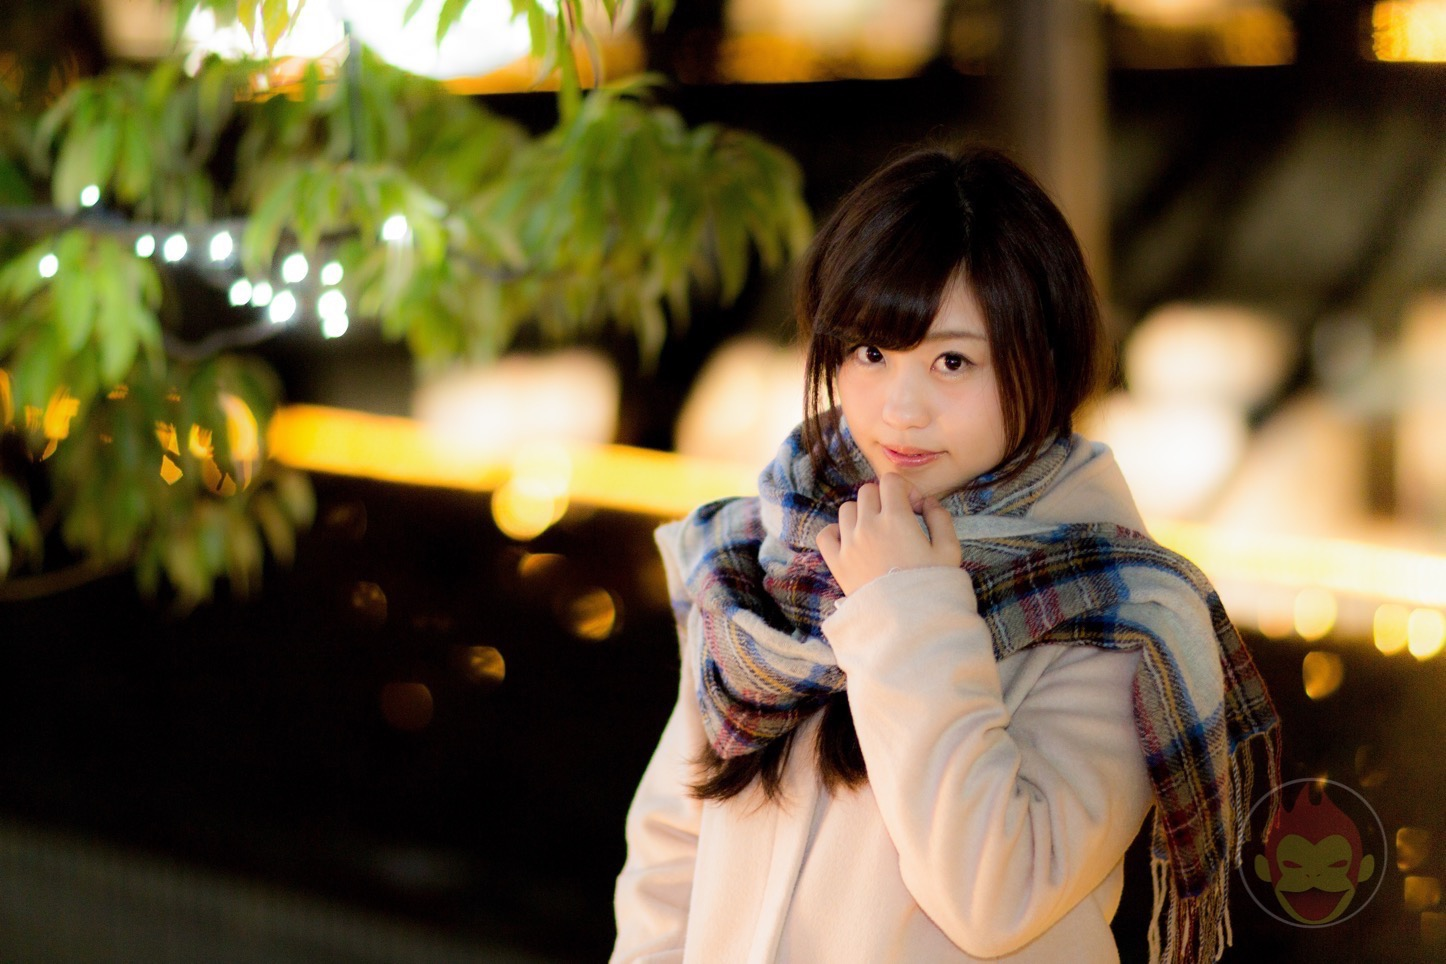 Yuka-Kawamura-85mm-Illumination-02.jpg